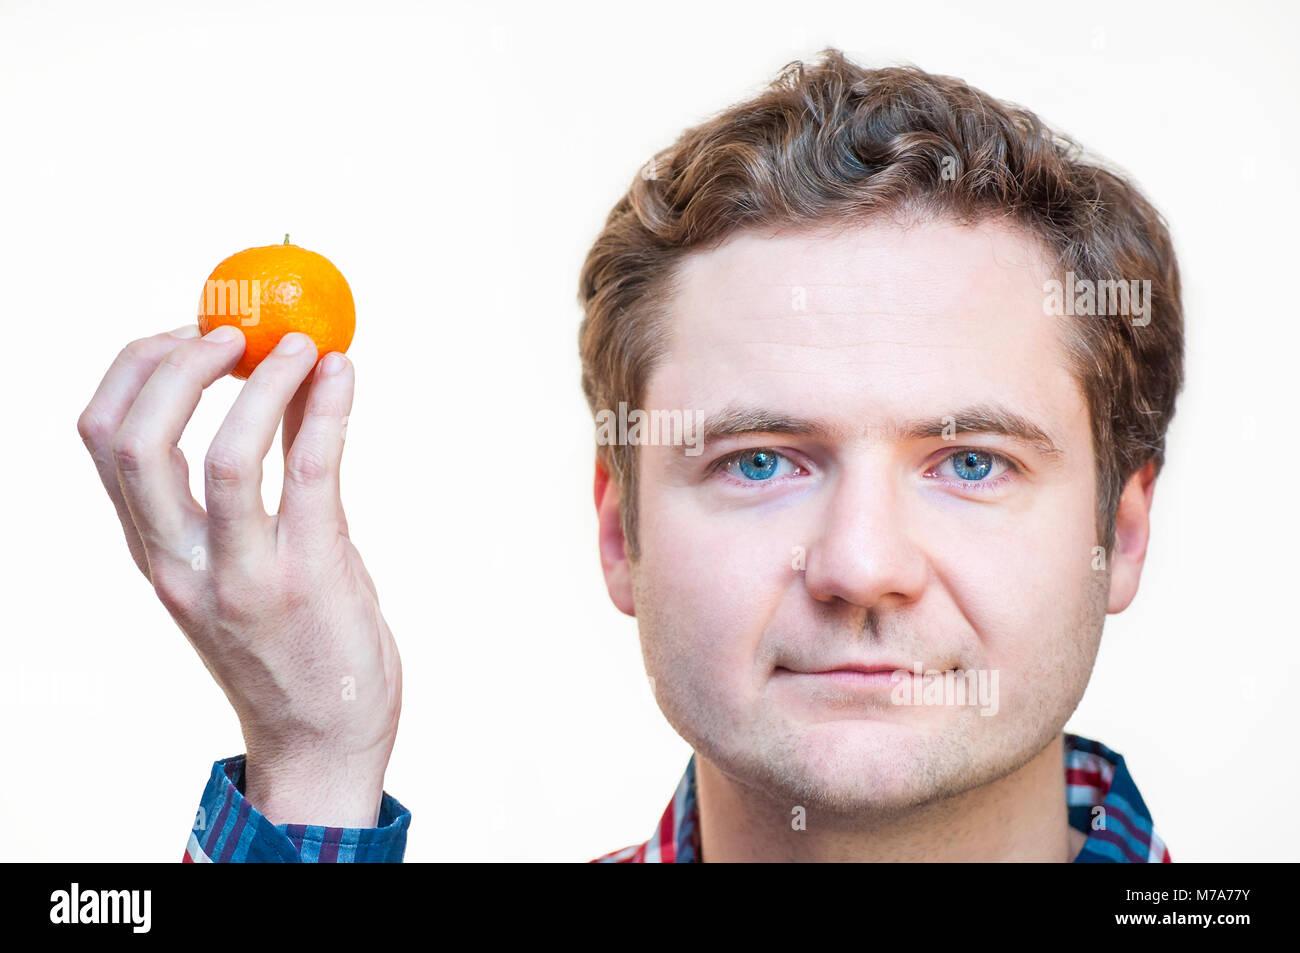 Retrato del joven de ojos azules la etnia caucásica hombre sujetando mandarina en la mano derecha cerca de Imagen De Stock